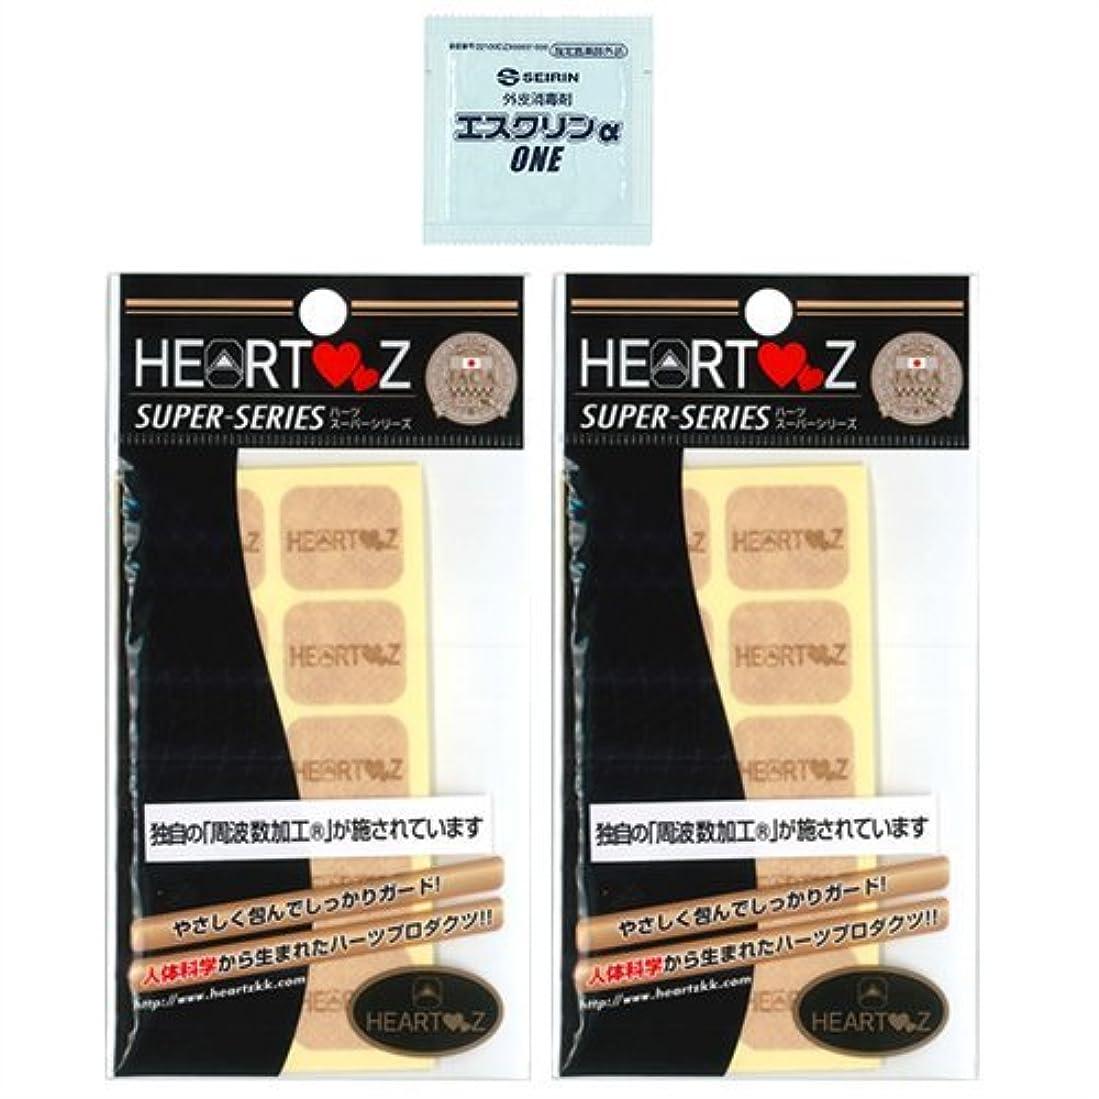 アイデア偶然のキャンペーン【HEARTZ(ハーツ)】ハーツスーパーシール レギュラータイプ 80枚入×2個セット (計160枚) + エスクリンαONEx1個 セット